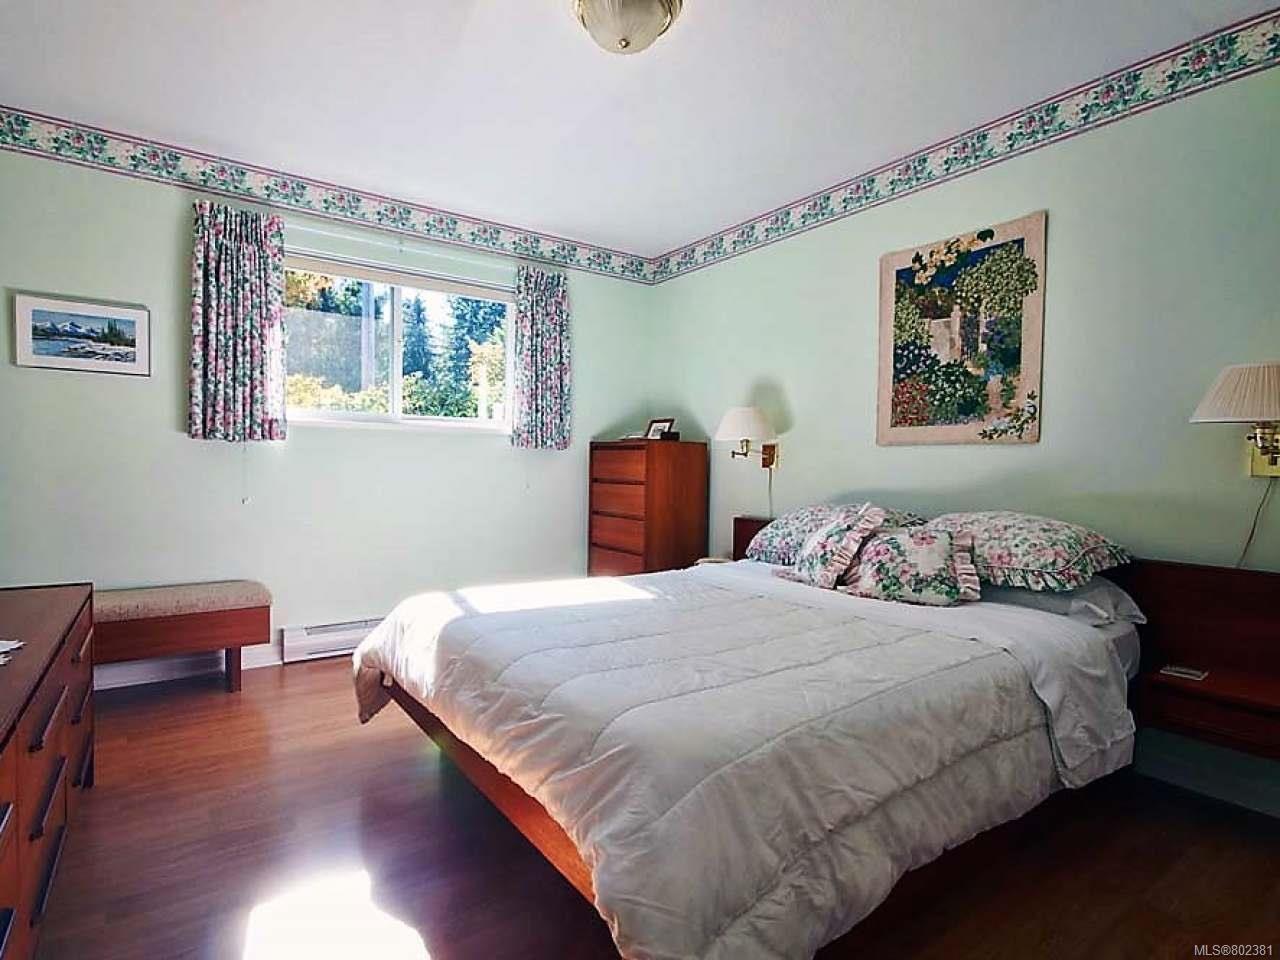 Photo 6: Photos: 608 CHESTER ROAD in QUALICUM BEACH: PQ Qualicum Beach House for sale (Parksville/Qualicum)  : MLS®# 802381